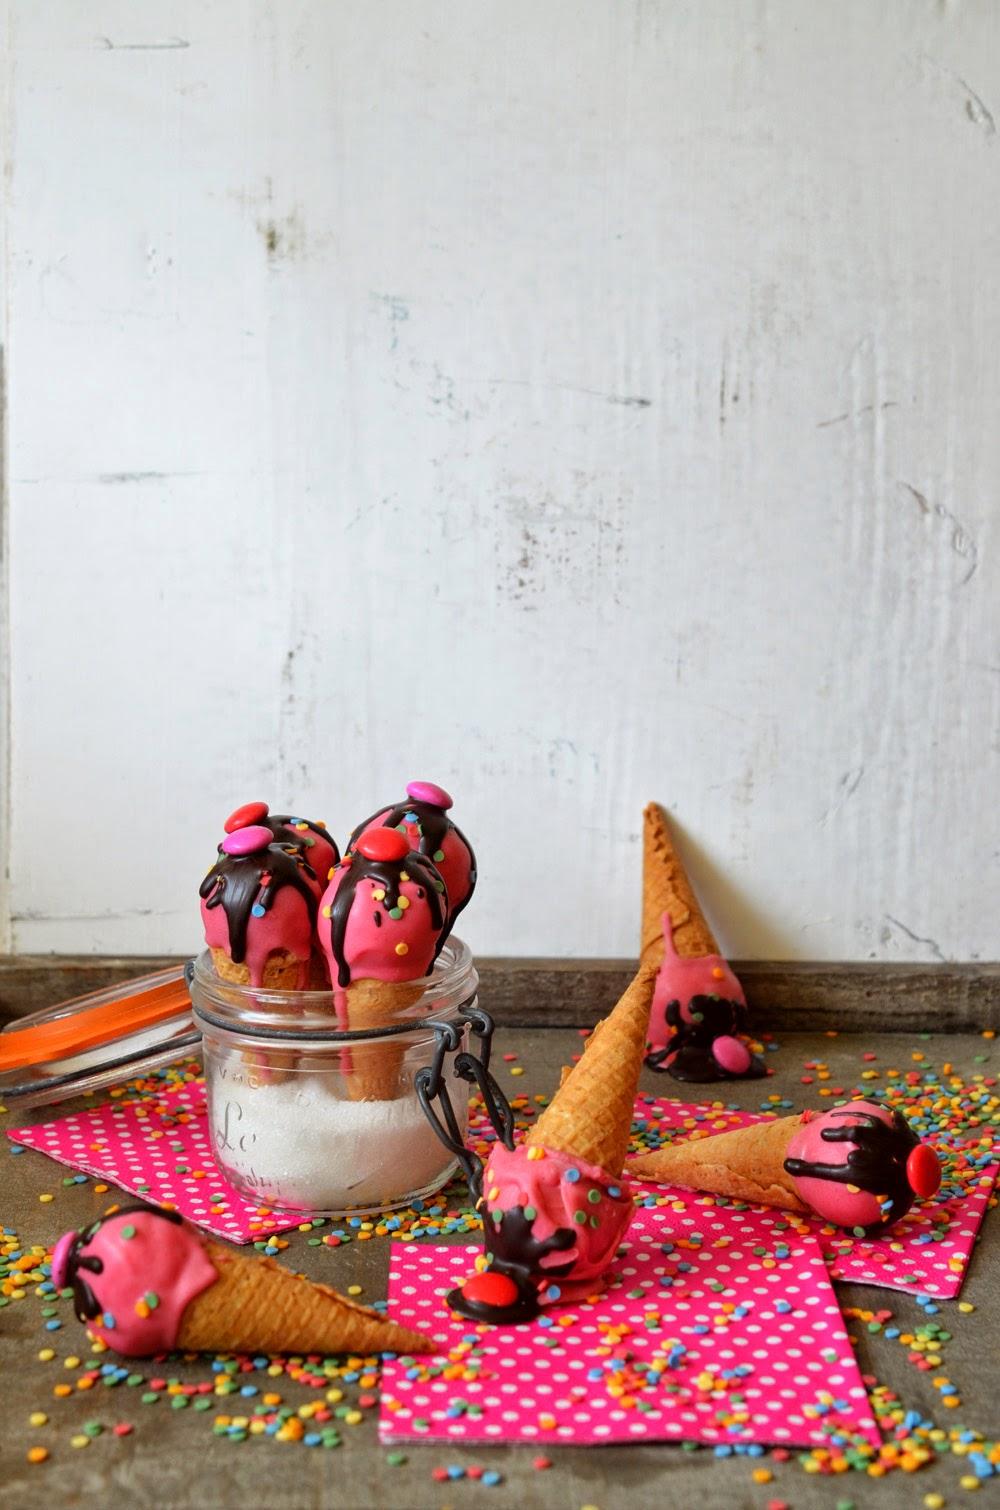 ninas kleiner food blog cakepops mal anders mini eist ten mit kuchenf llung einfach so oder. Black Bedroom Furniture Sets. Home Design Ideas